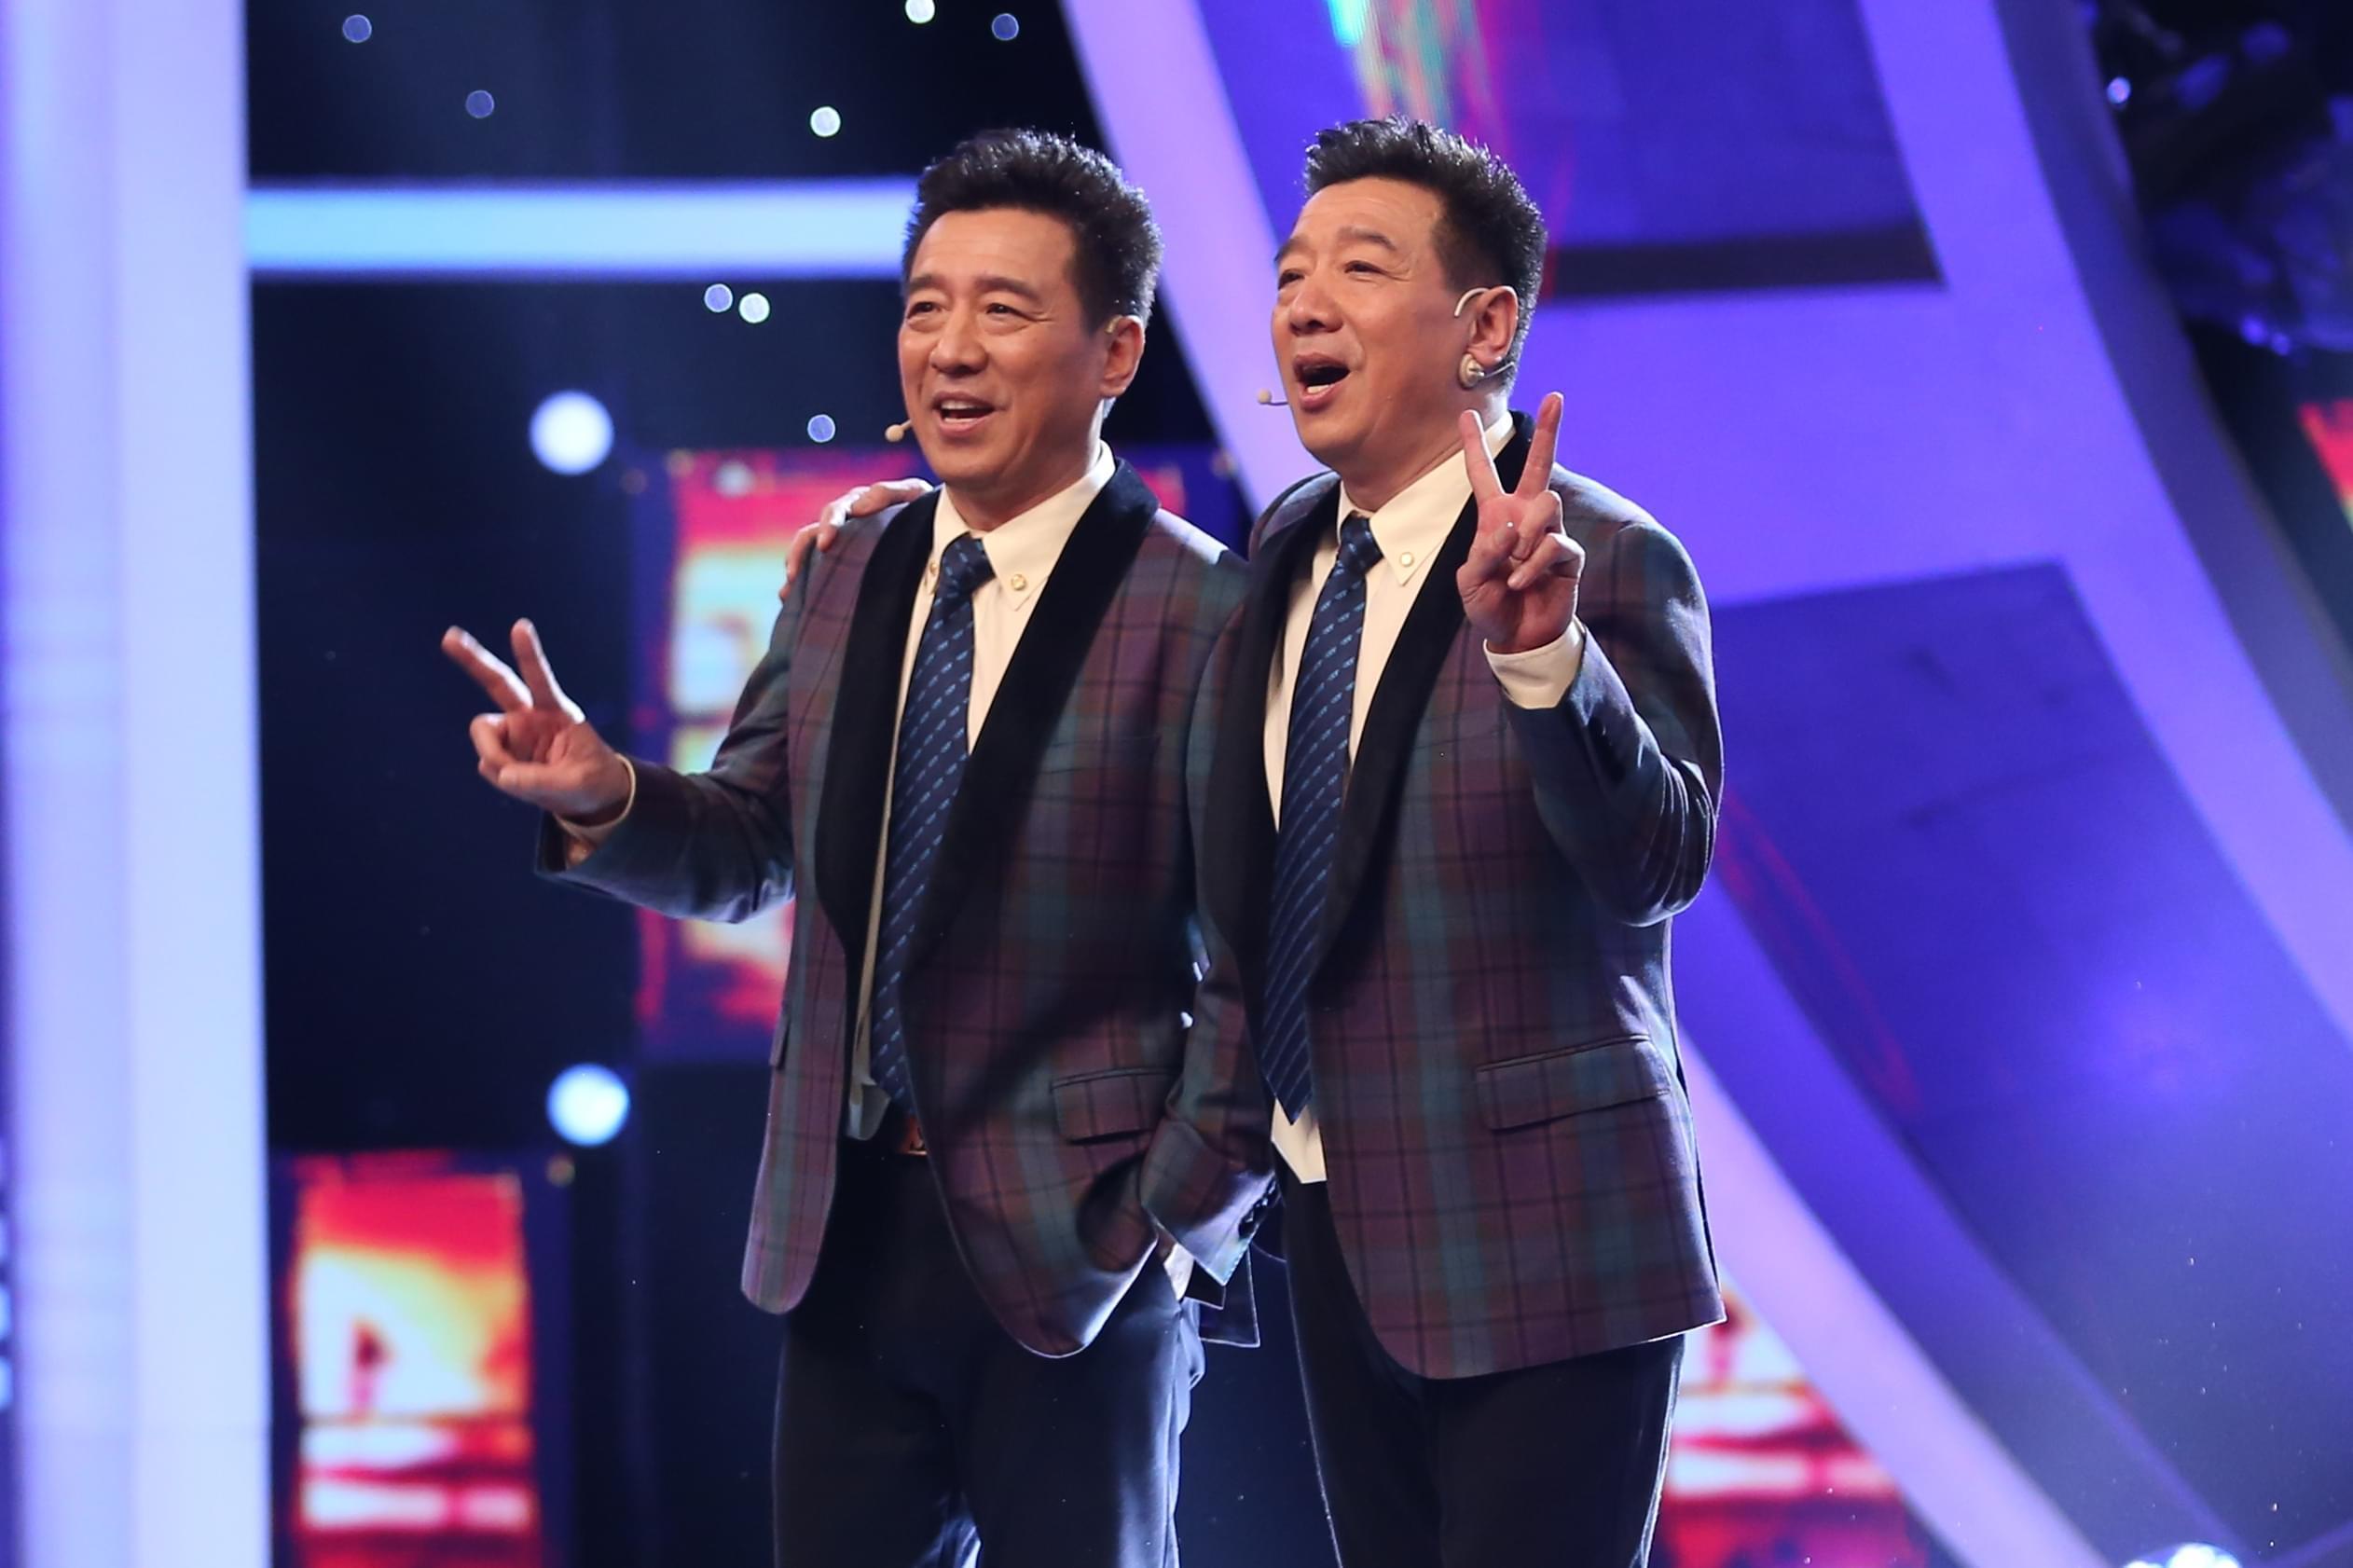 刘全和刘全利:台上演哑剧 台下是话唠